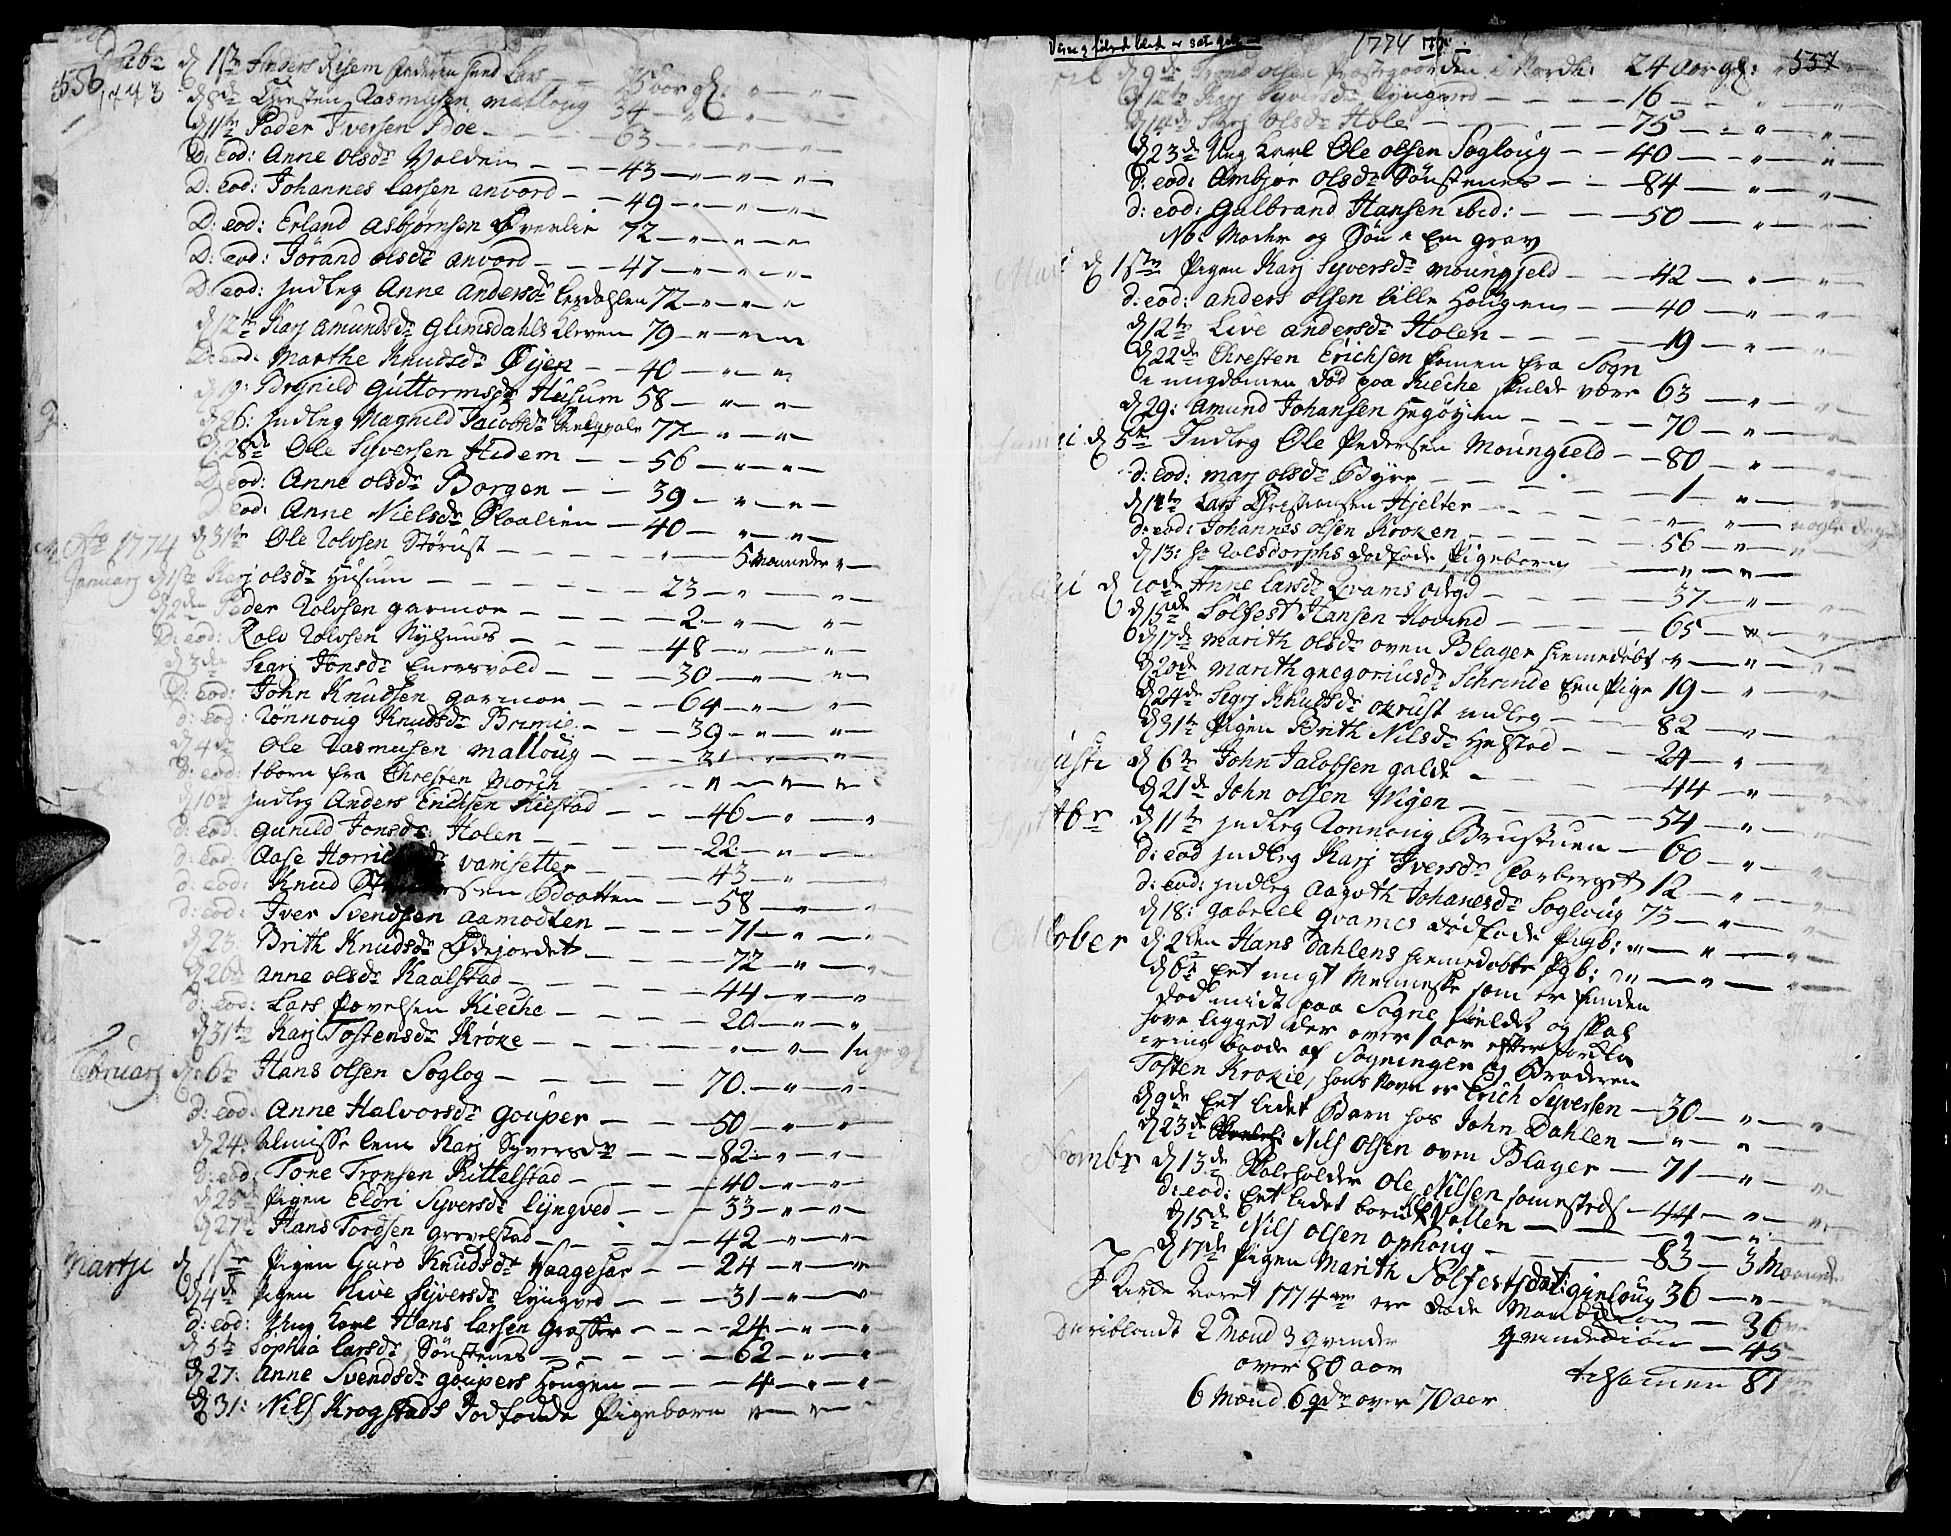 SAH, Lom prestekontor, K/L0002: Ministerialbok nr. 2, 1749-1801, s. 556-557